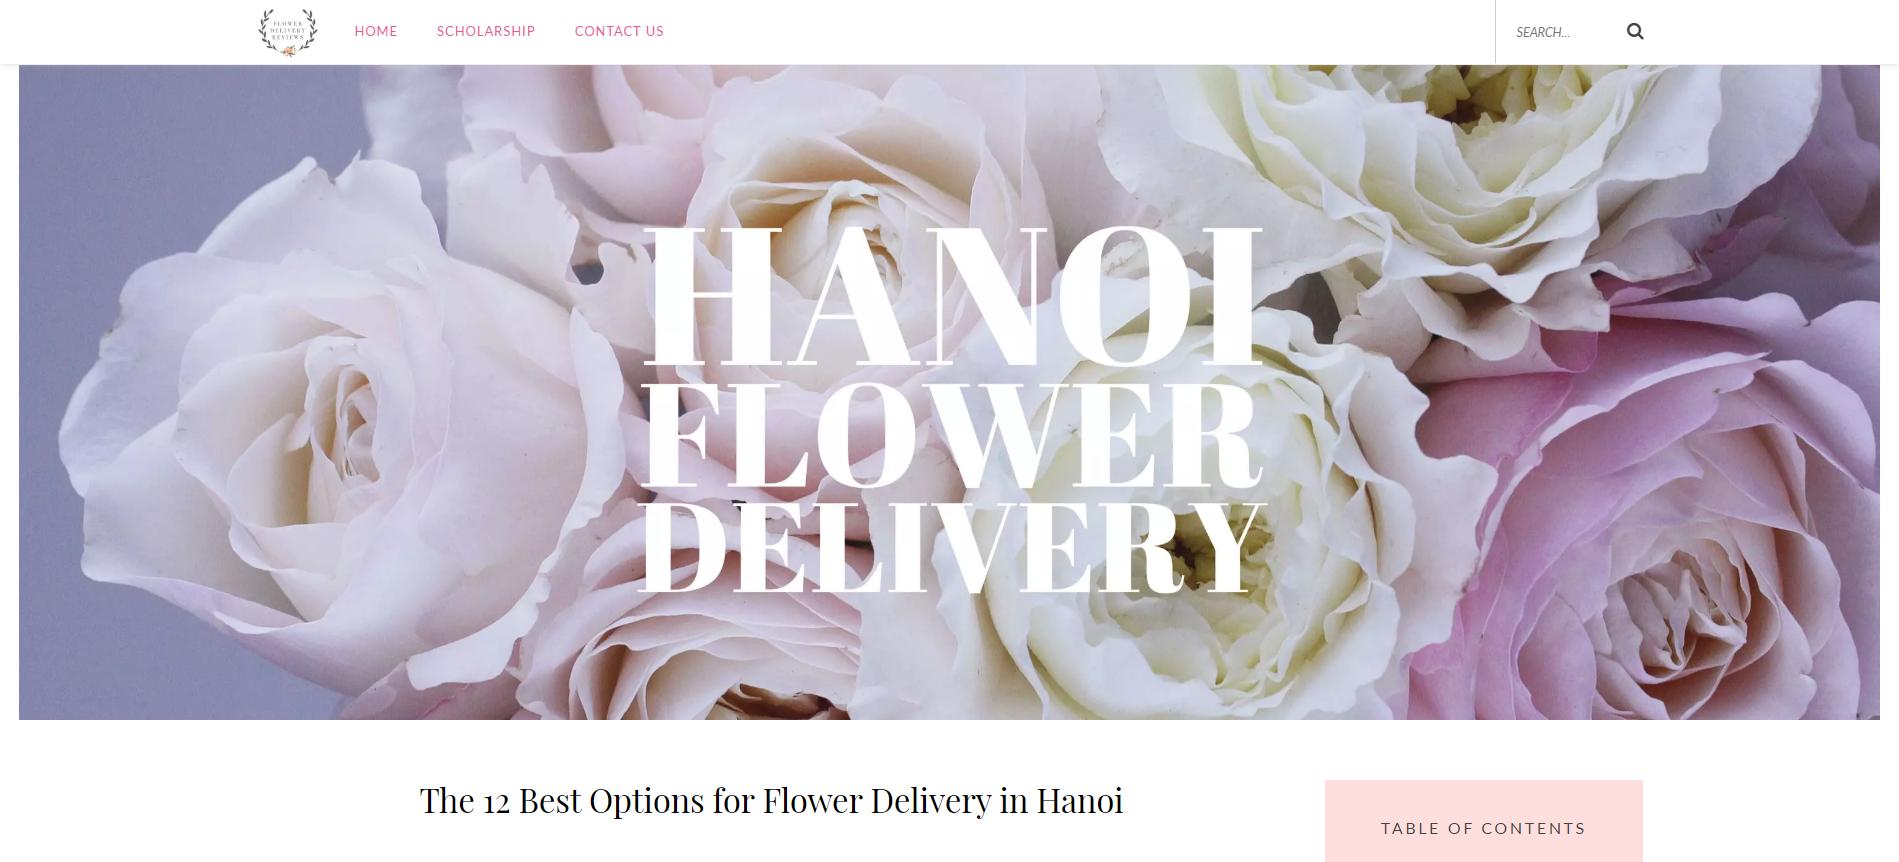 flowerdelivery-reviews.com liệt kệ Xinh Tươi Online và top 13 địa chỉ đặt hoa uy tín tại Hà Nội